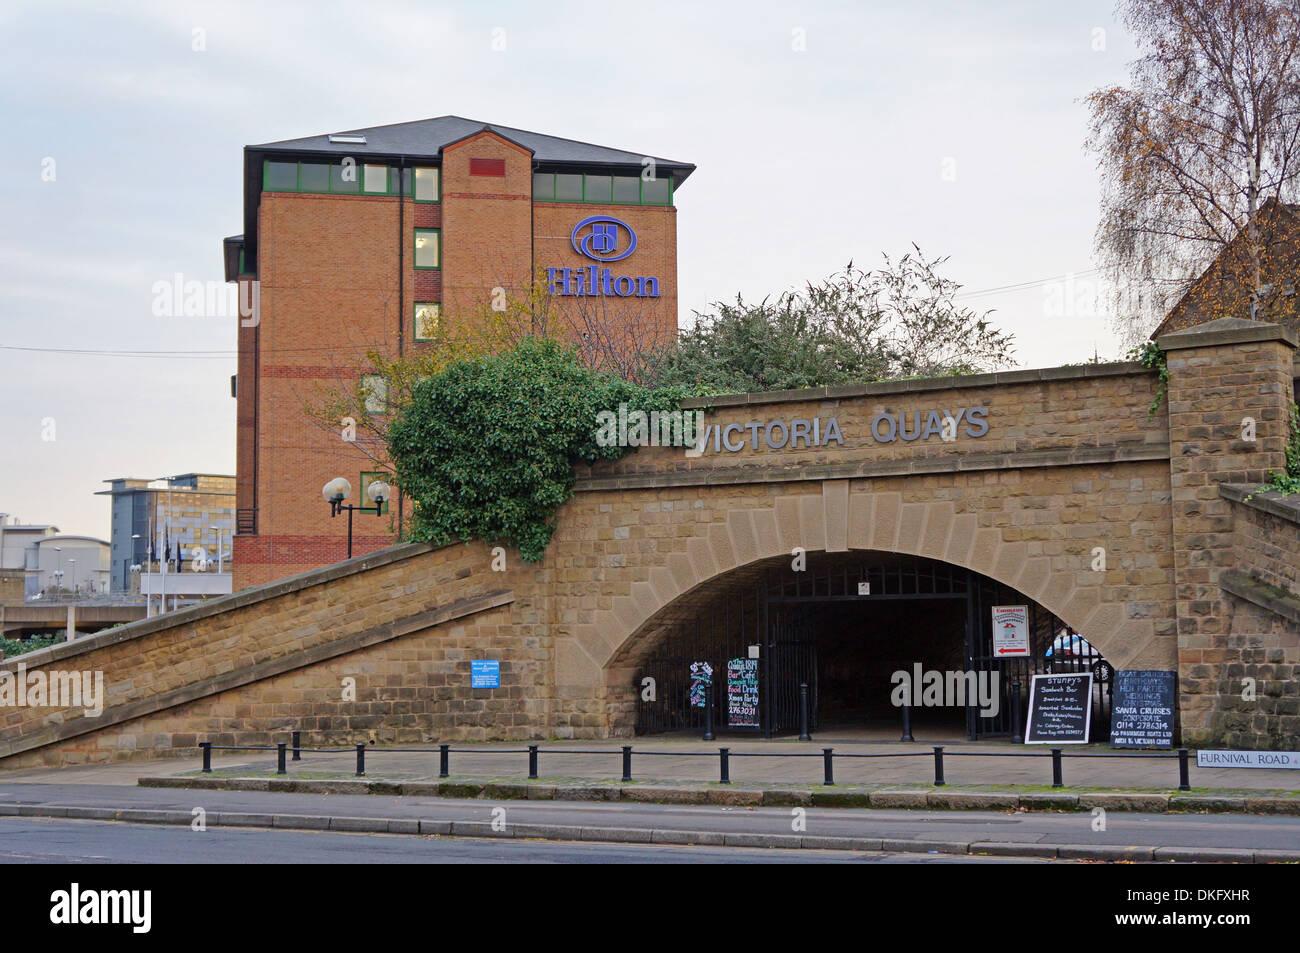 Hilton hotel Sheffield Englang Uk - Stock Image